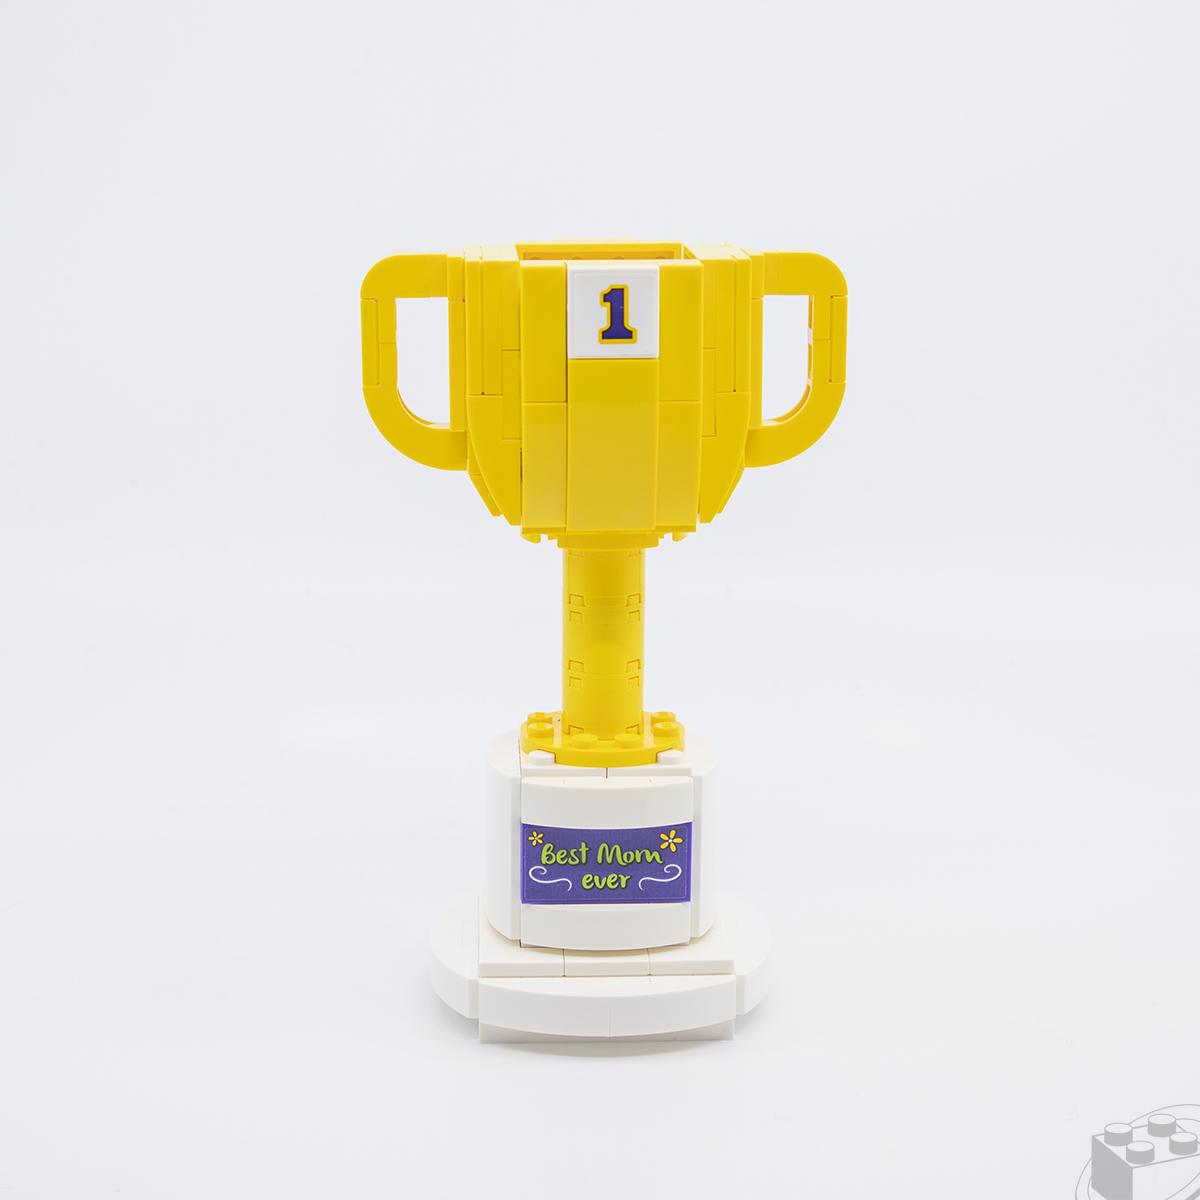 lego-trophy-04